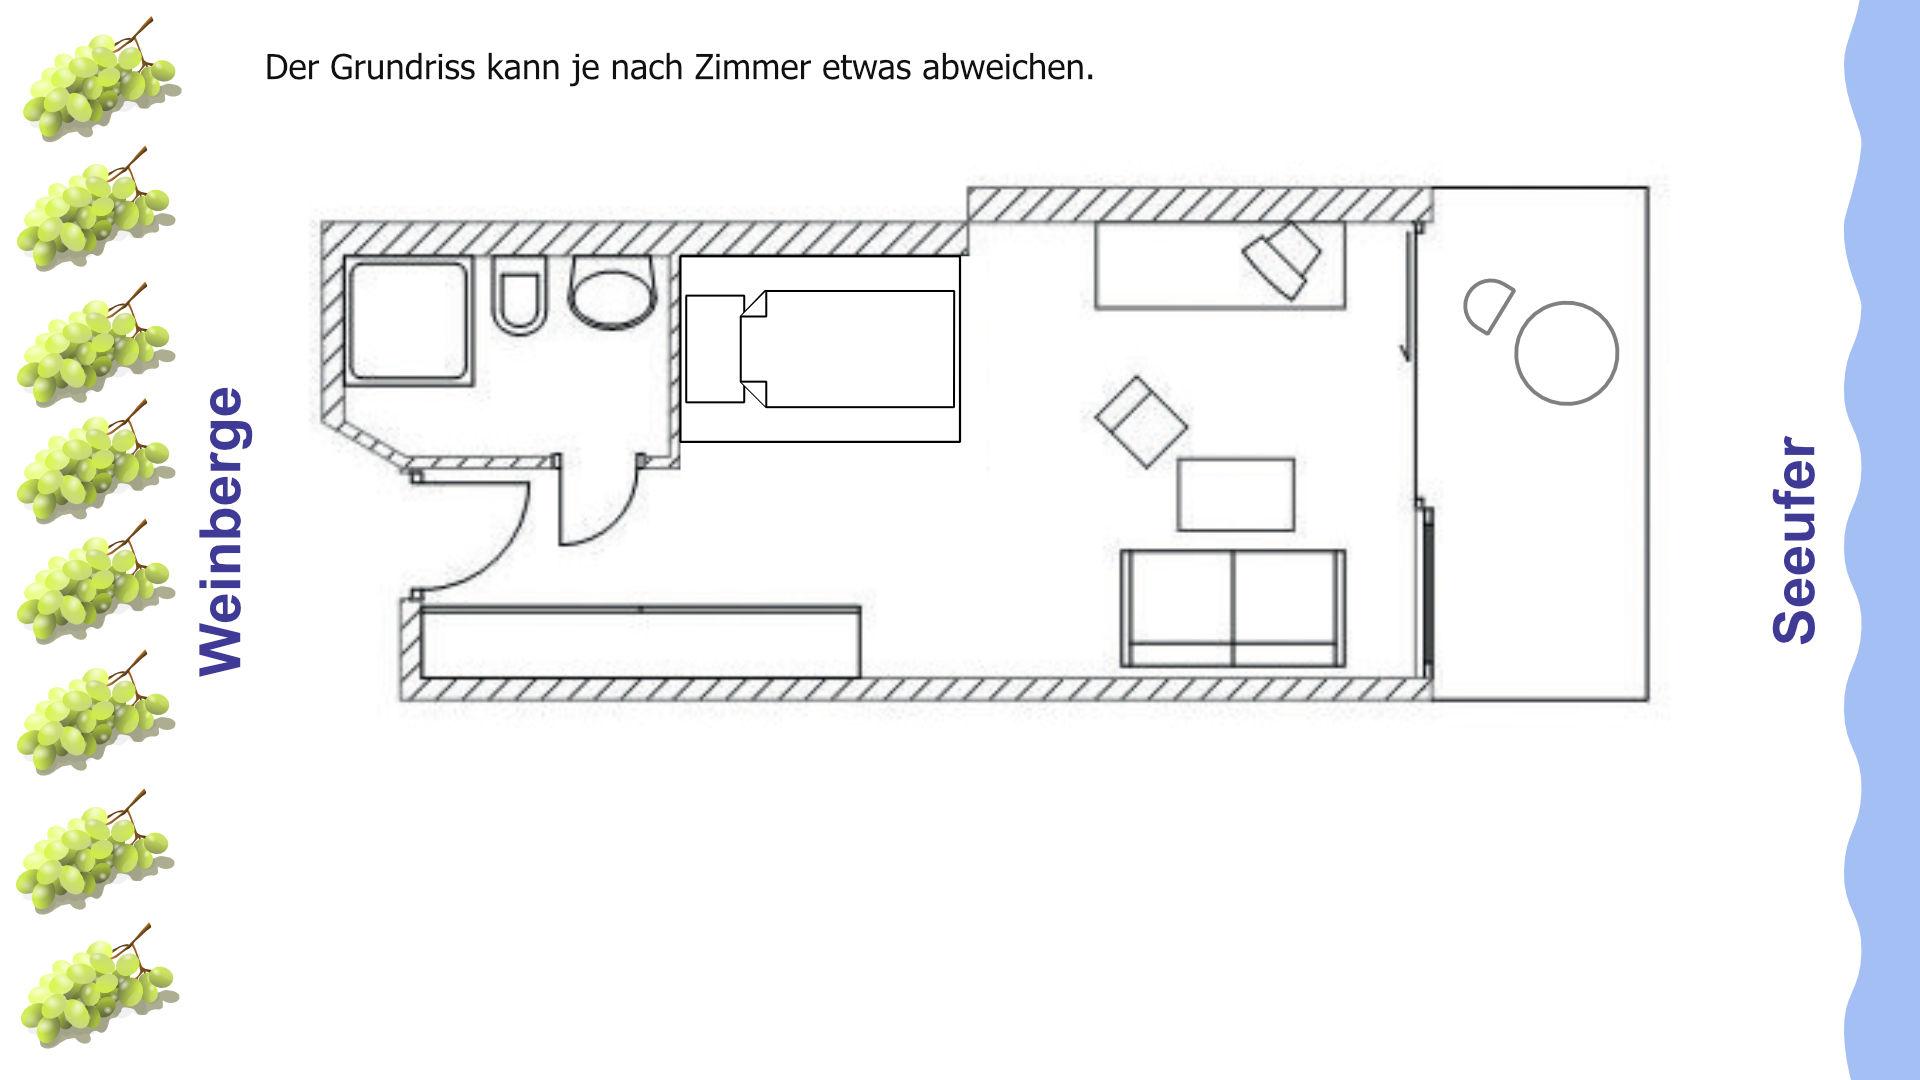 Grundriss Einzelzimmer mit Wohnbereich, Balkon und Seeblick